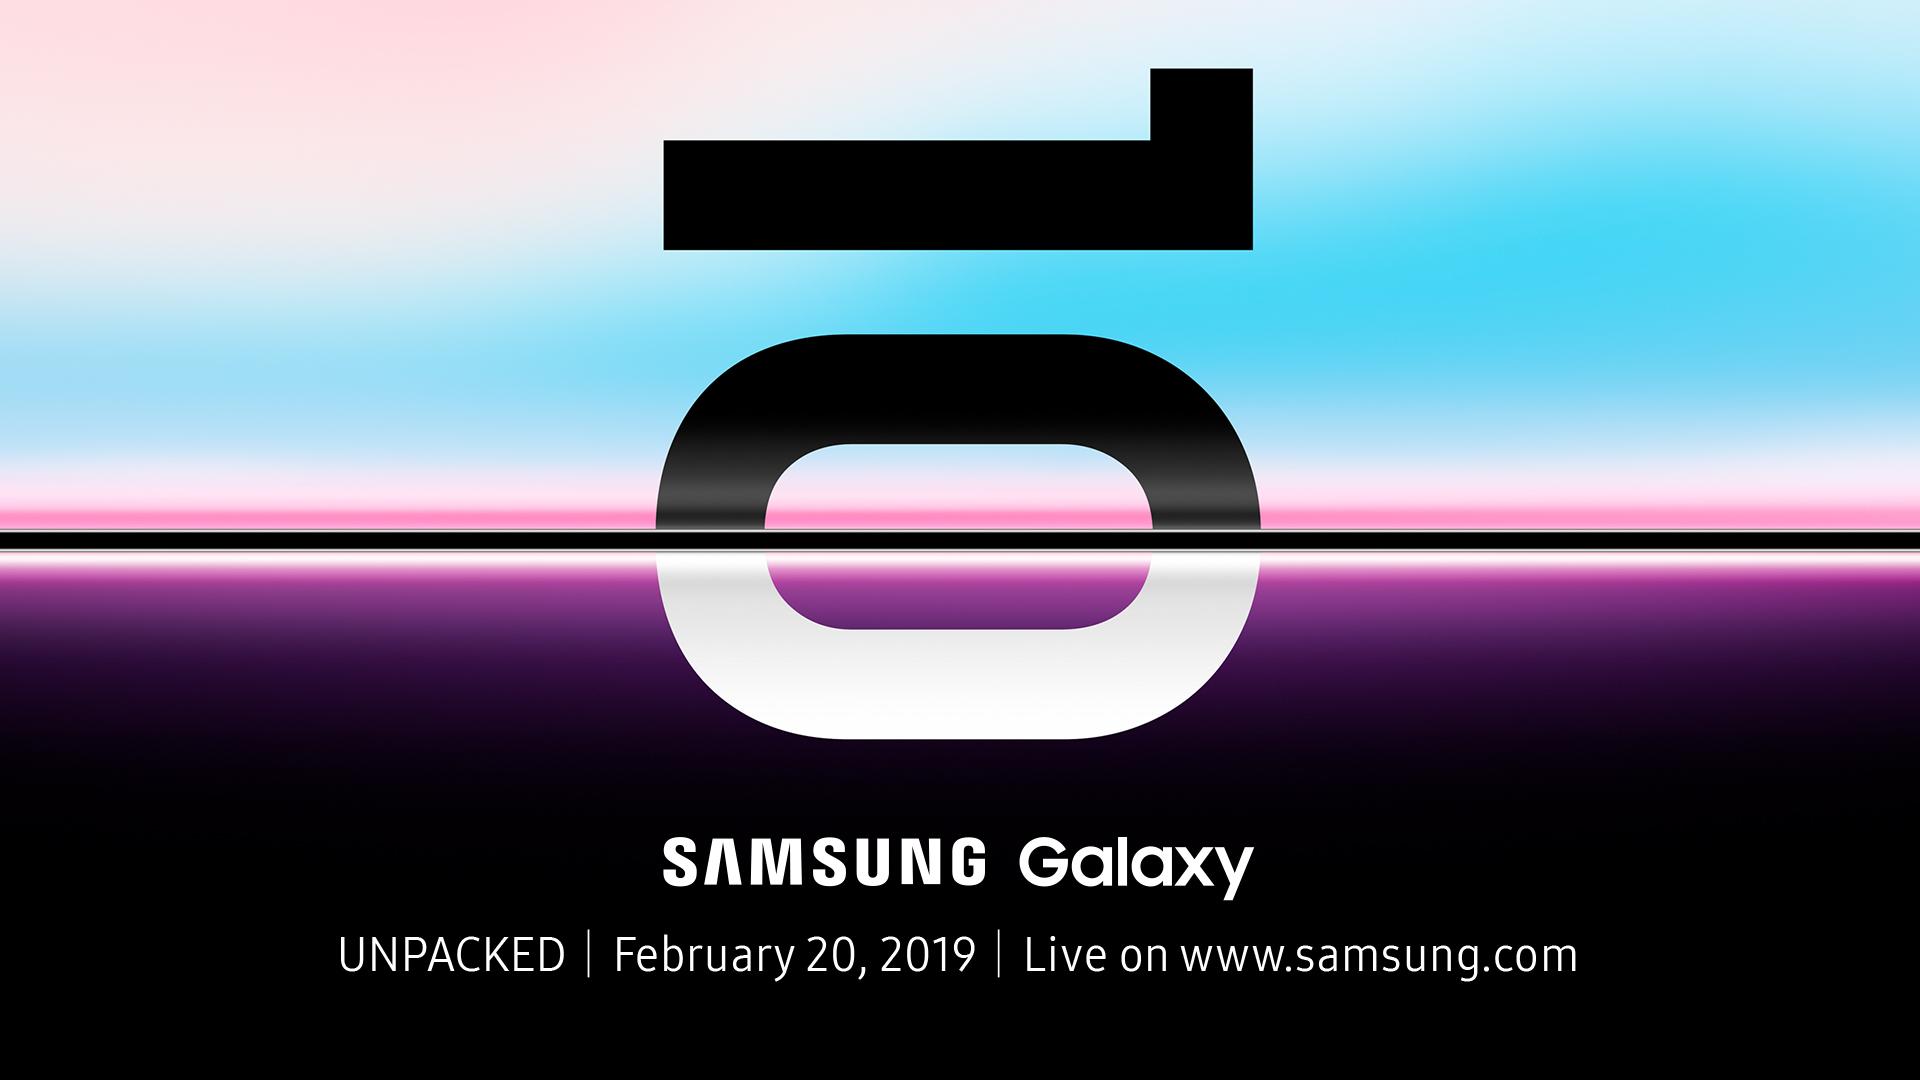 Galaxy S10E, Galaxy S10, Galaxy S10 Plus, Galaxy F : le live de Samsung, c'est par ici !